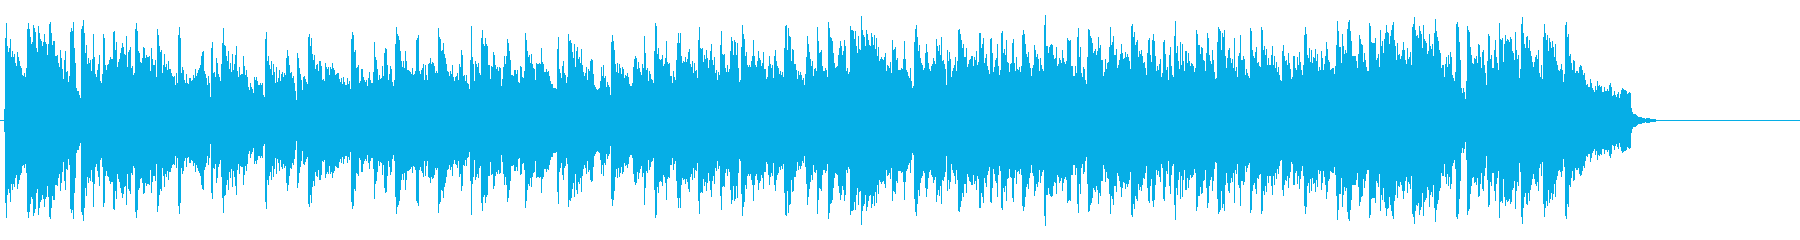 暖かいオープニング向けバラード/ポップの再生済みの波形